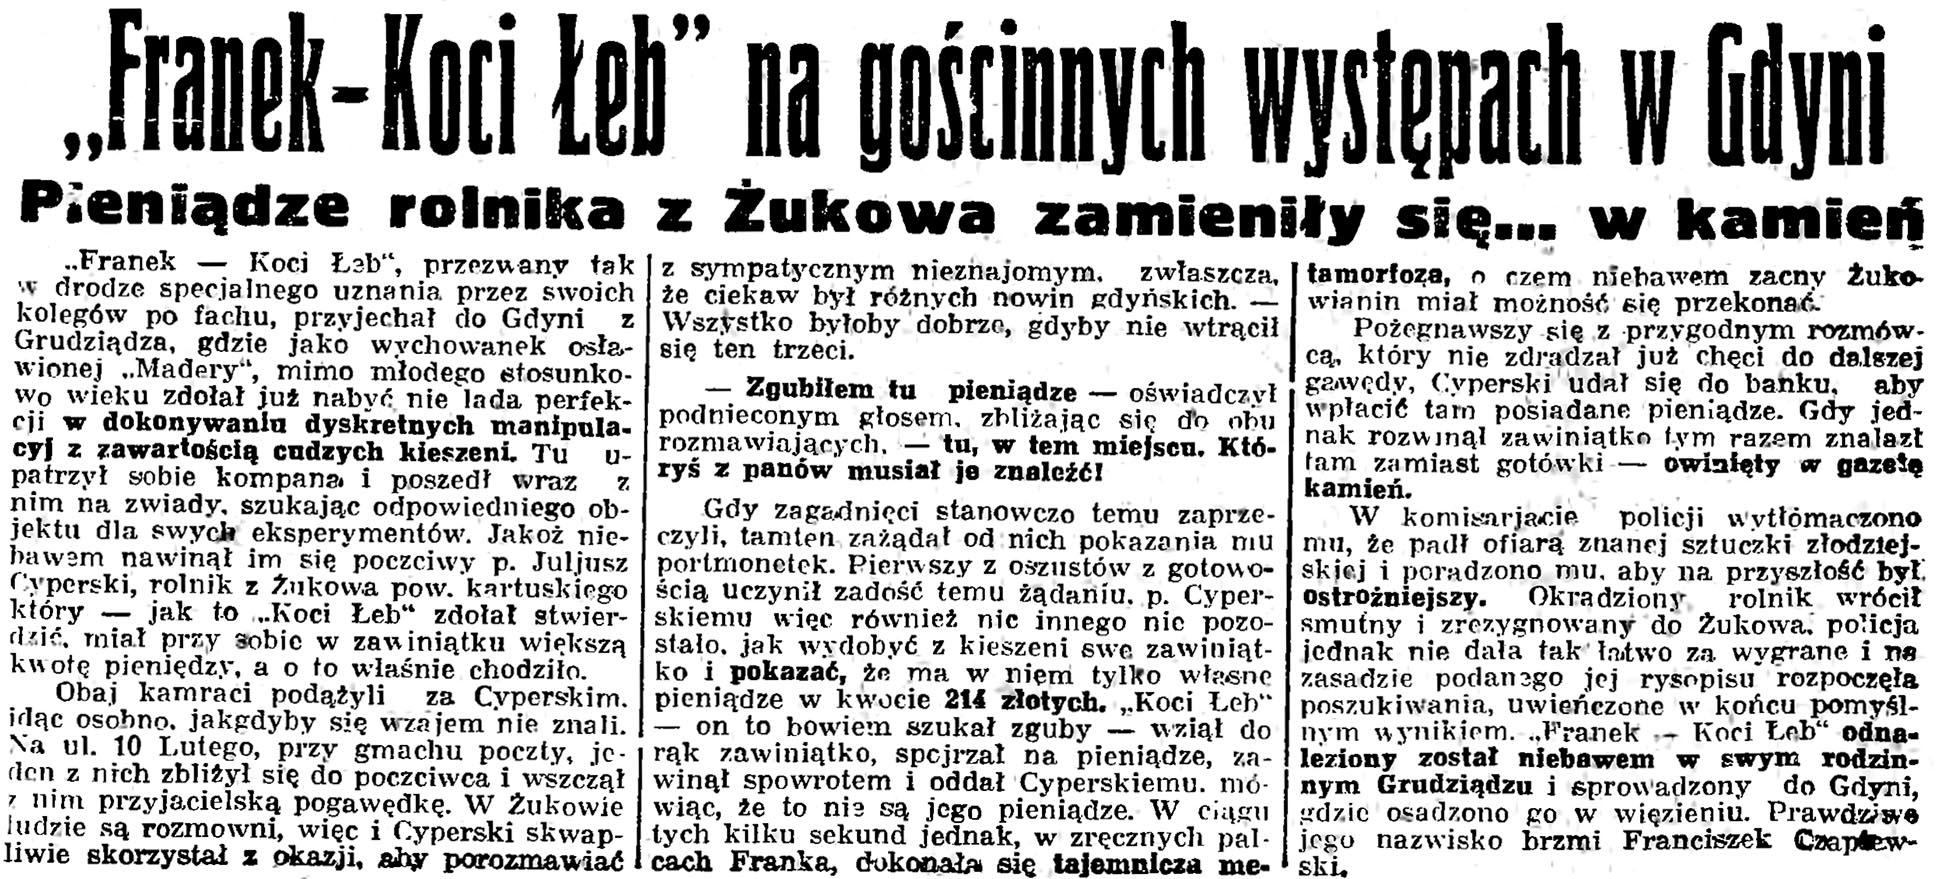 """""""Franek - Koci Łeb"""" na gościnnych występach w Gdyni. Pieniądze rolnika z Żukowa zamieniły się ... w kamień // Gazeta Gdańska. - 1935., nr 89, s. 8"""